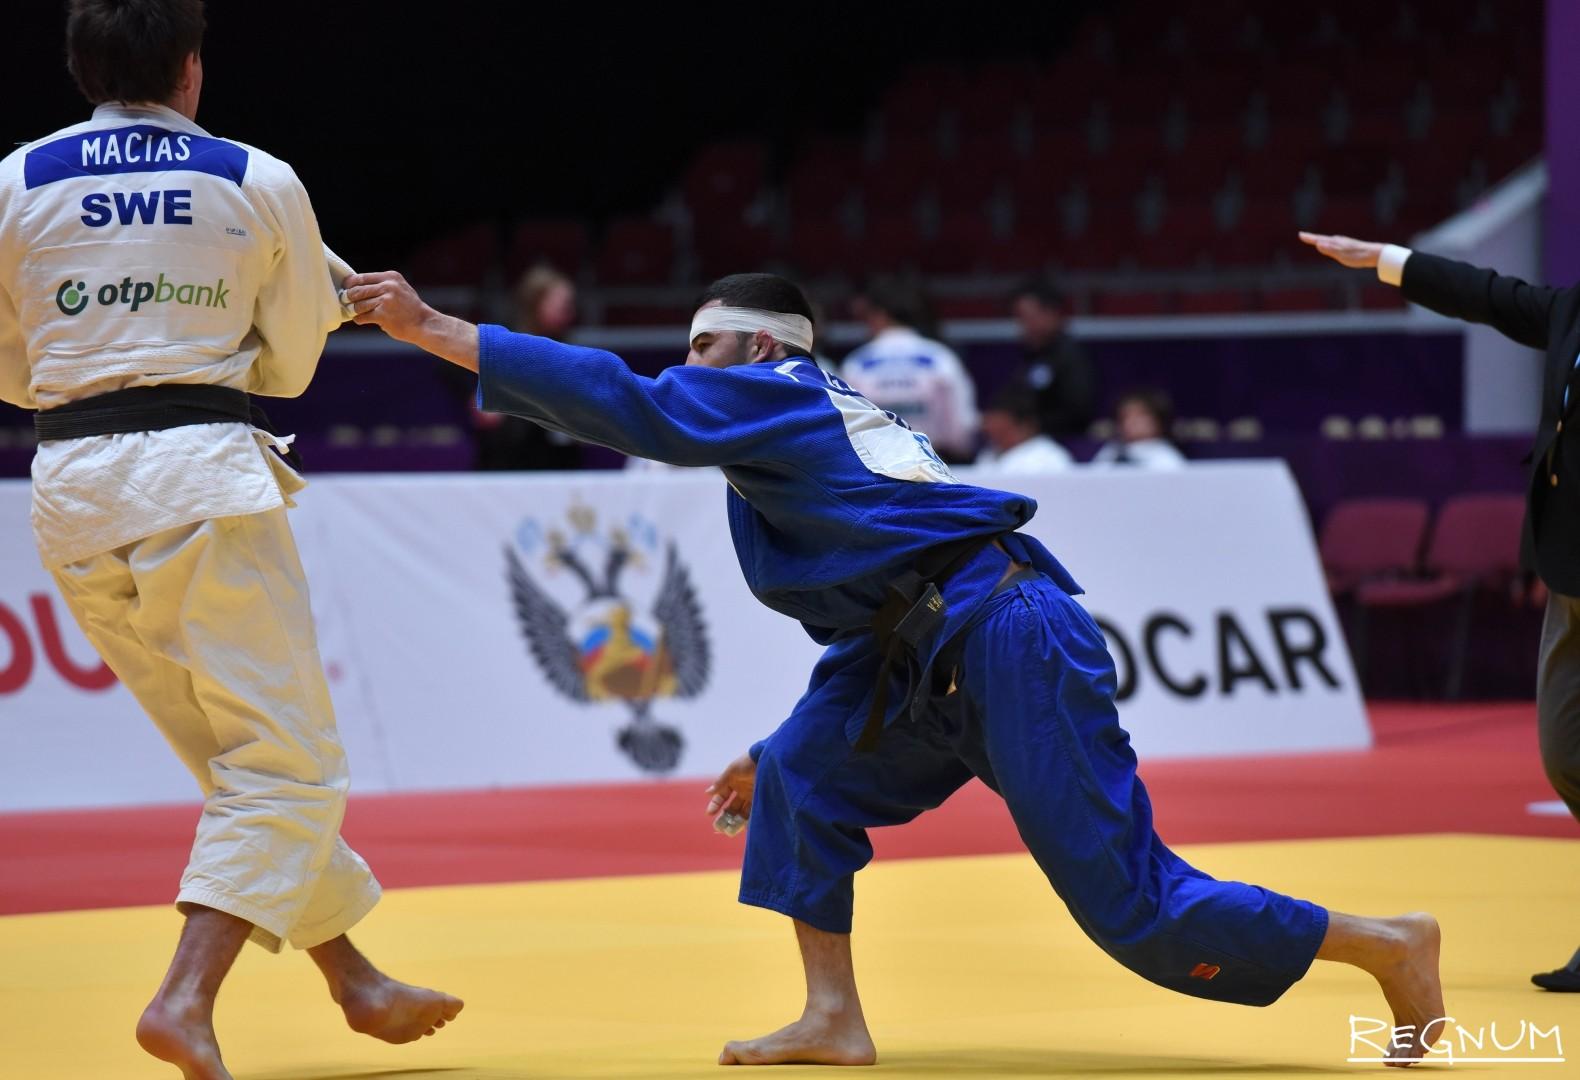 Международный турнир по дзюдо «Мастерс-2017». Дзюдоисты Мациас Т. (Швеция, белый) и Бобоев Г. (Узбекистан, синий)